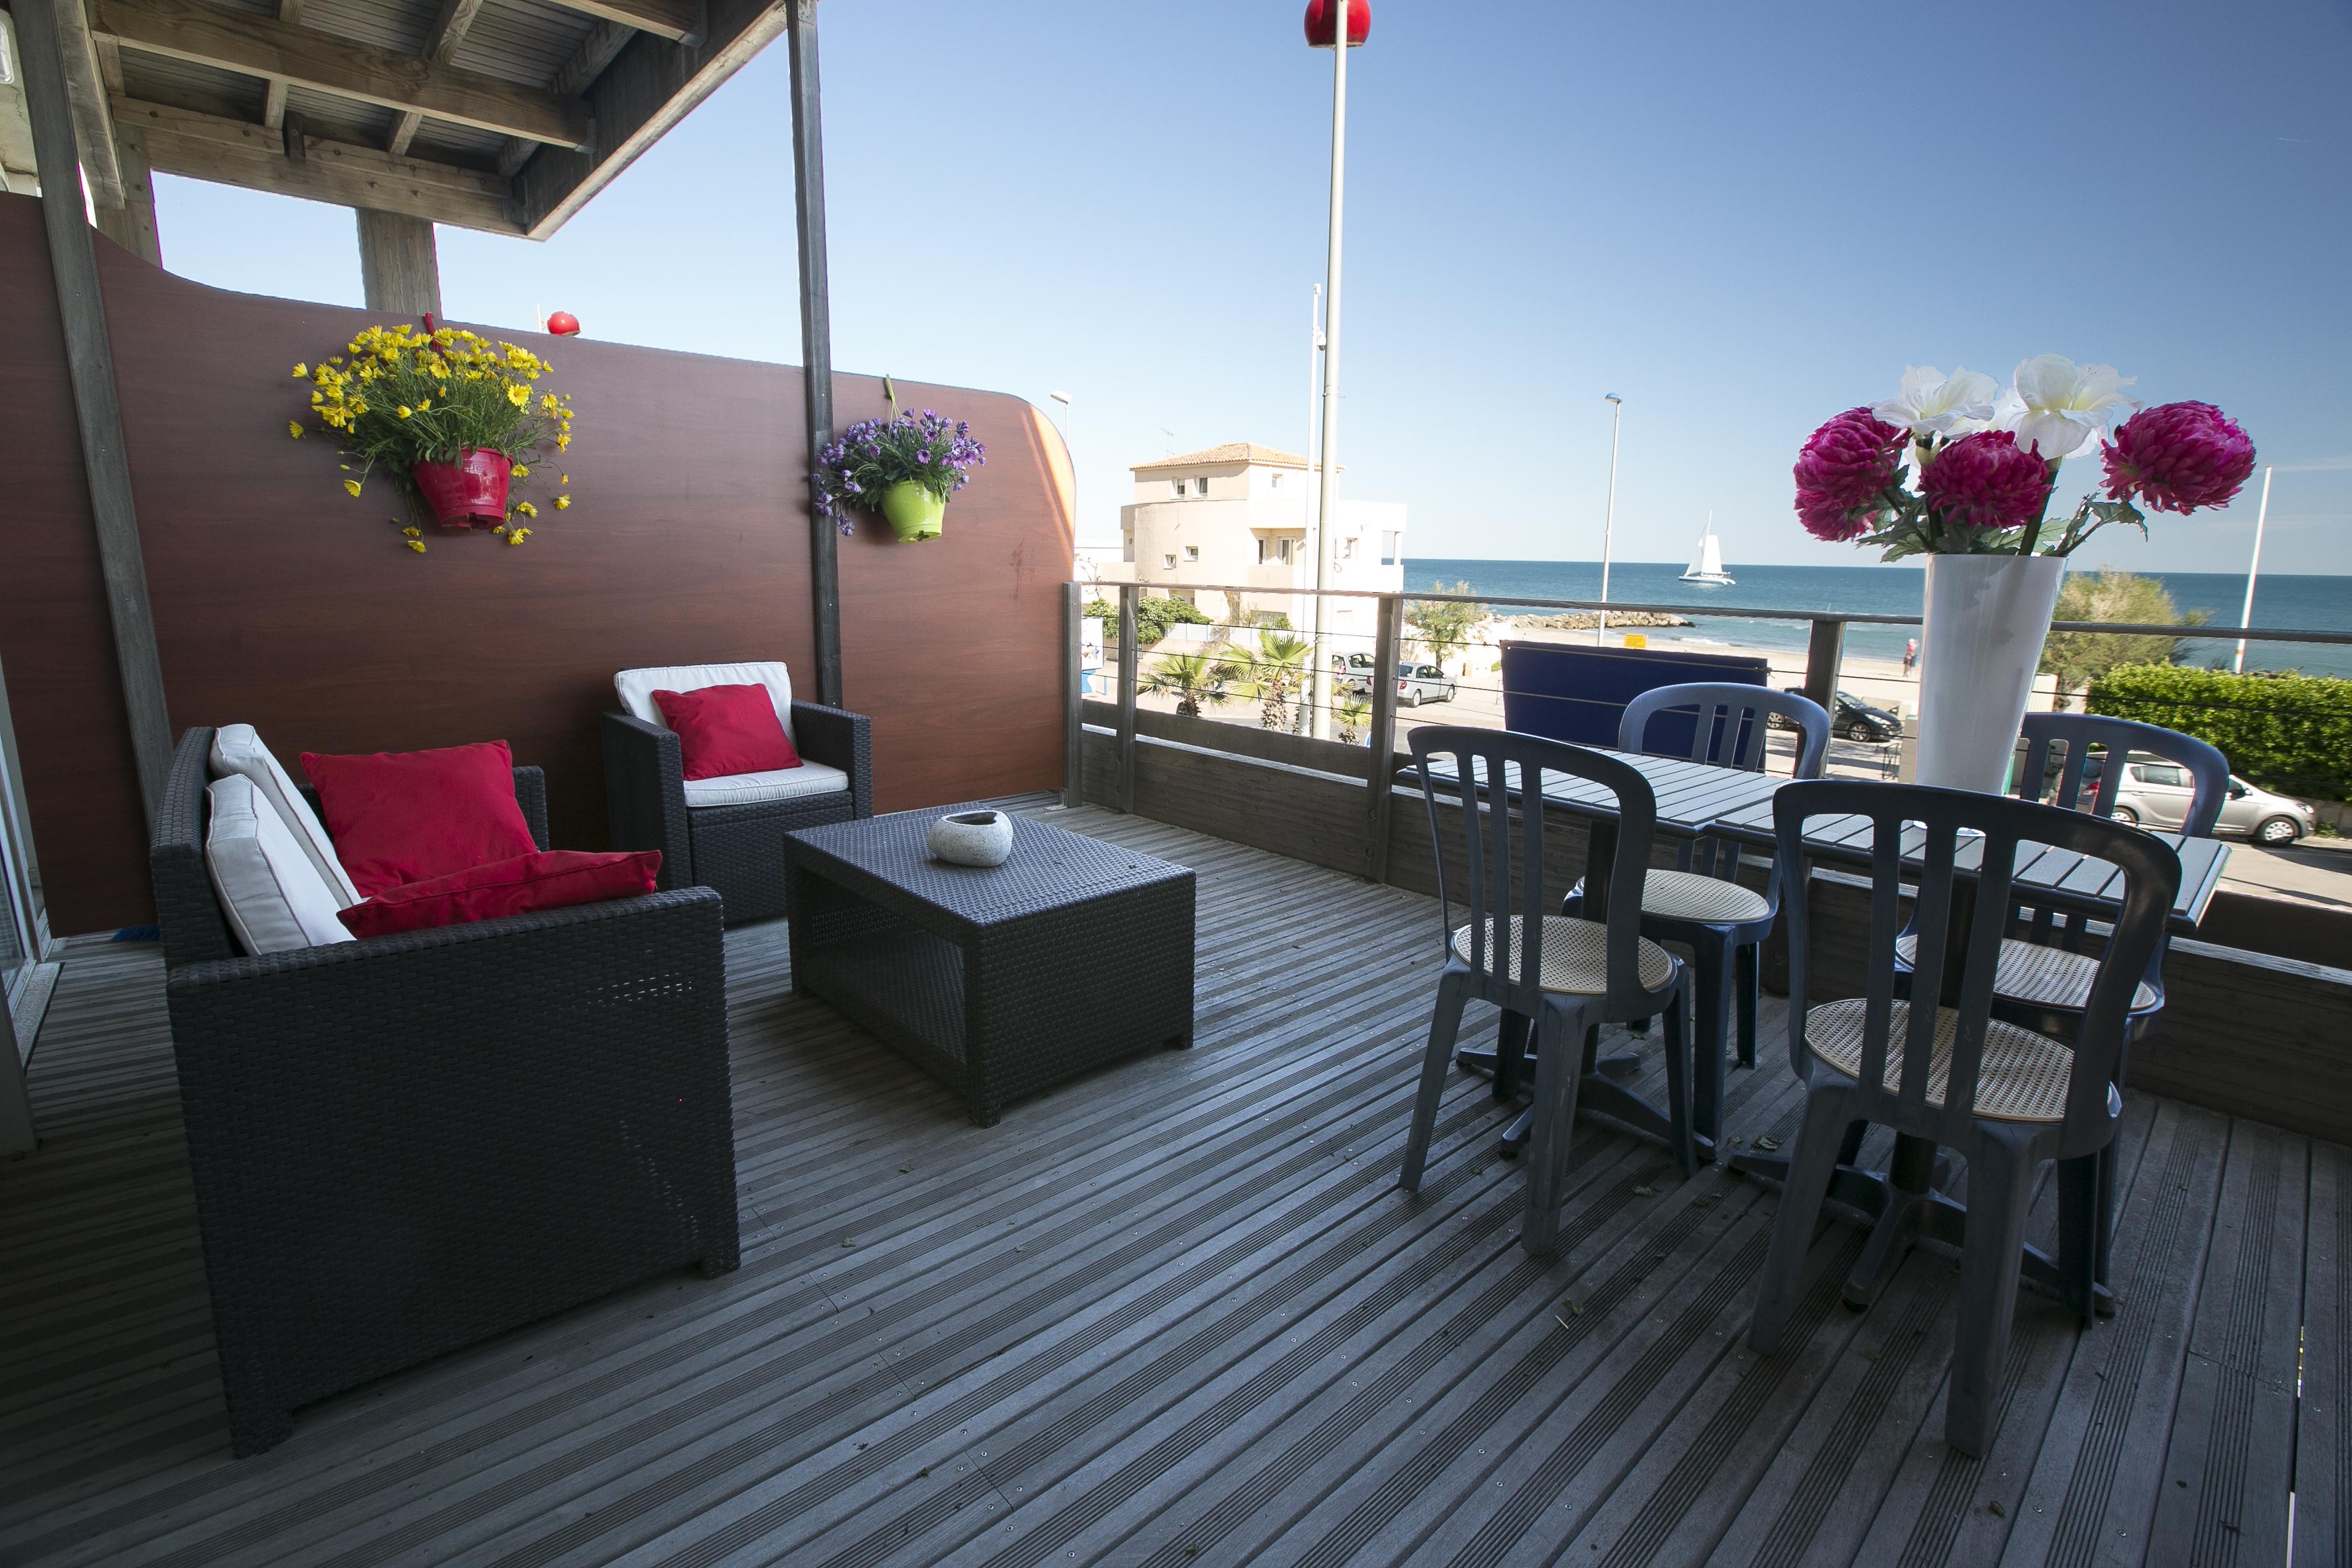 terrasse vue mer h tel appartement le grand large bord de mer. Black Bedroom Furniture Sets. Home Design Ideas